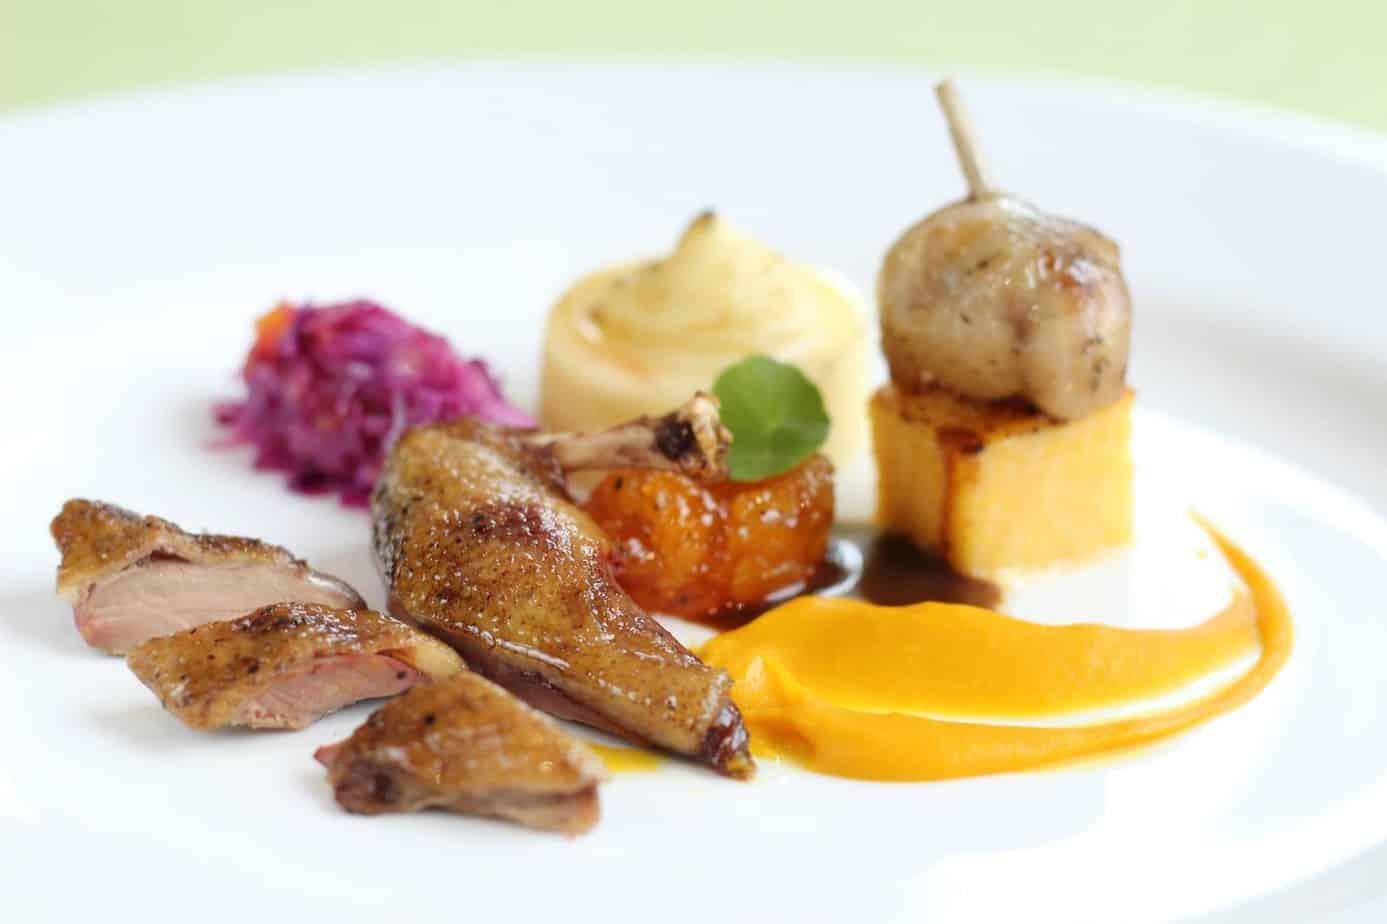 Top 5 Nhà Hàng Pháp Sang Chảnh, Được Dân Sành Ăn Yêu Thích Tại TPHCM - nhà hàng pháp sang chảnh - Chef Thiện | La Maison Wine Grill Bar | Le Corto 49